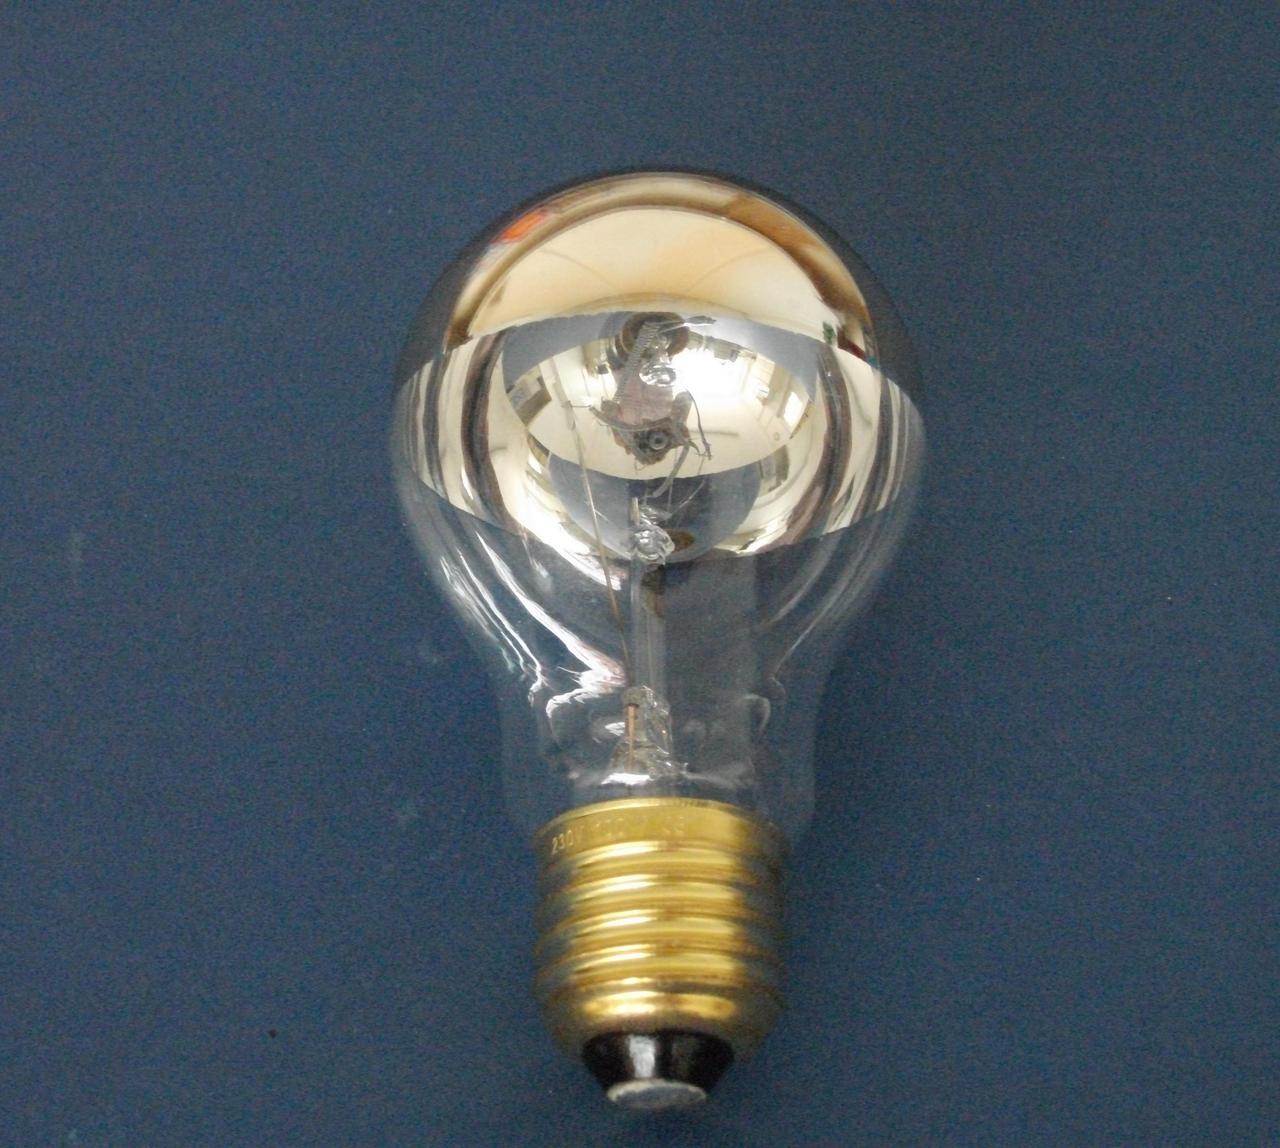 kopfspiegellampe gold gold top mirror 100 watt e27 auslauftype restbest nde leuchtmittel. Black Bedroom Furniture Sets. Home Design Ideas